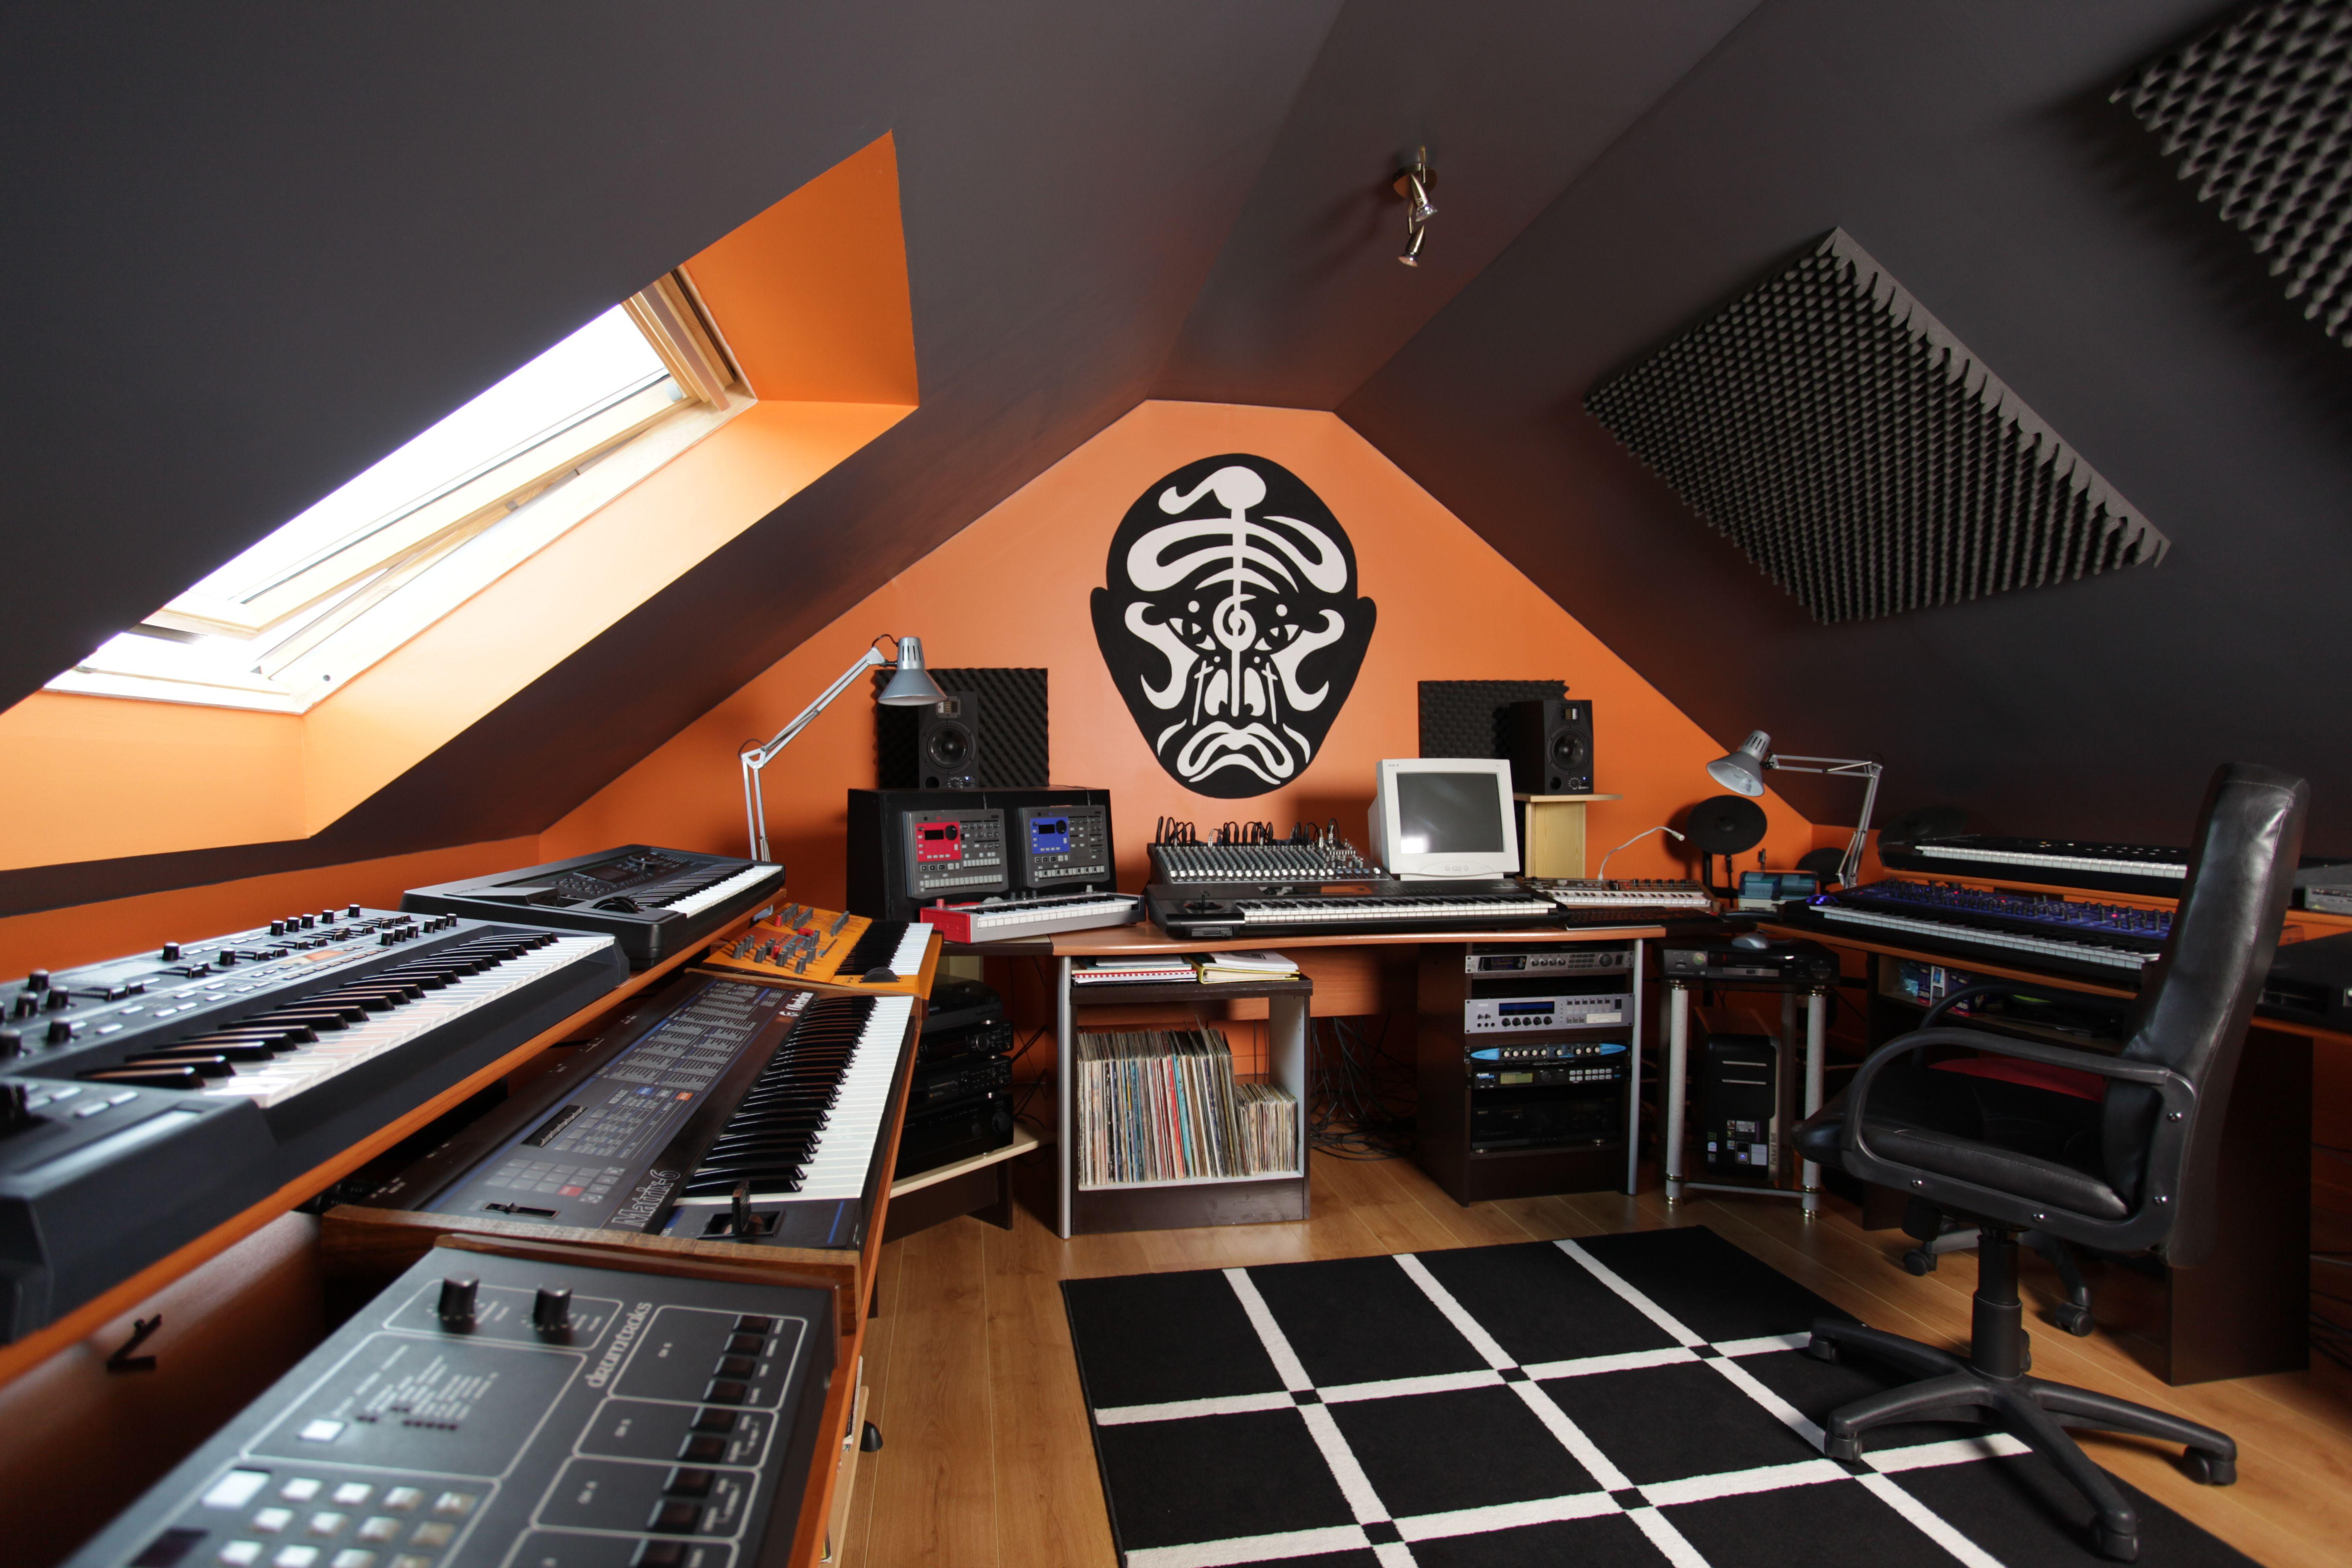 Transformation Des Combles En Home Studio Http Www Revedecombles Fr Inspirer Home Studio Home Studio Maison Idees Pour La Maison